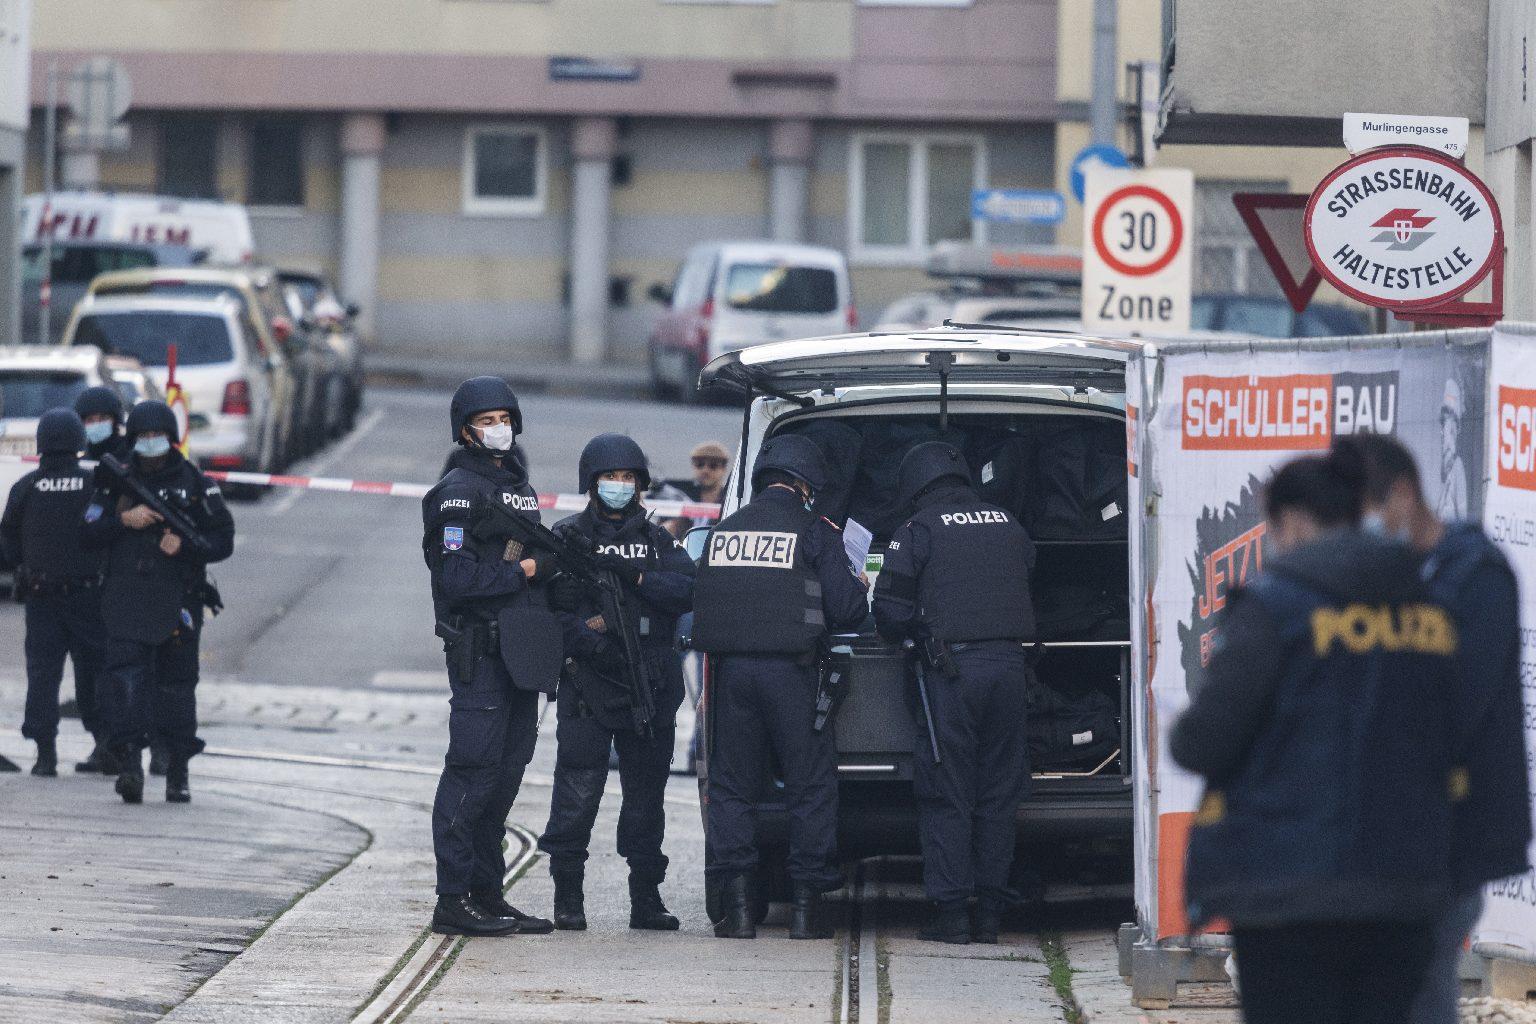 Nem magányos farkas volt a bécsi terrorista, DNS-ből azonosították a tettestársát